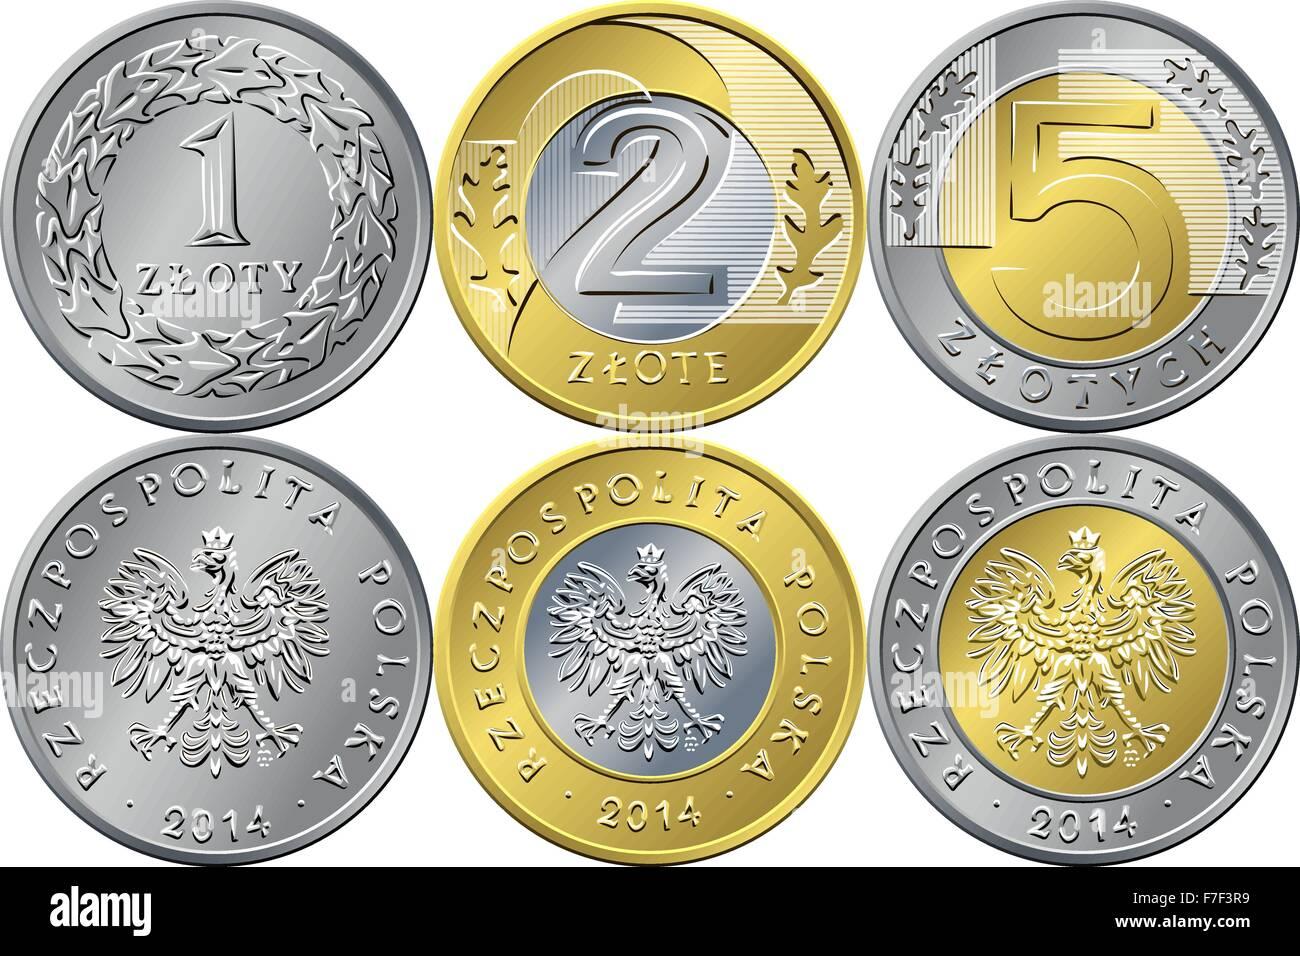 Eingestellte Polnische Geld Eins Zwei Und Fünf Złoty Münzen Vektor